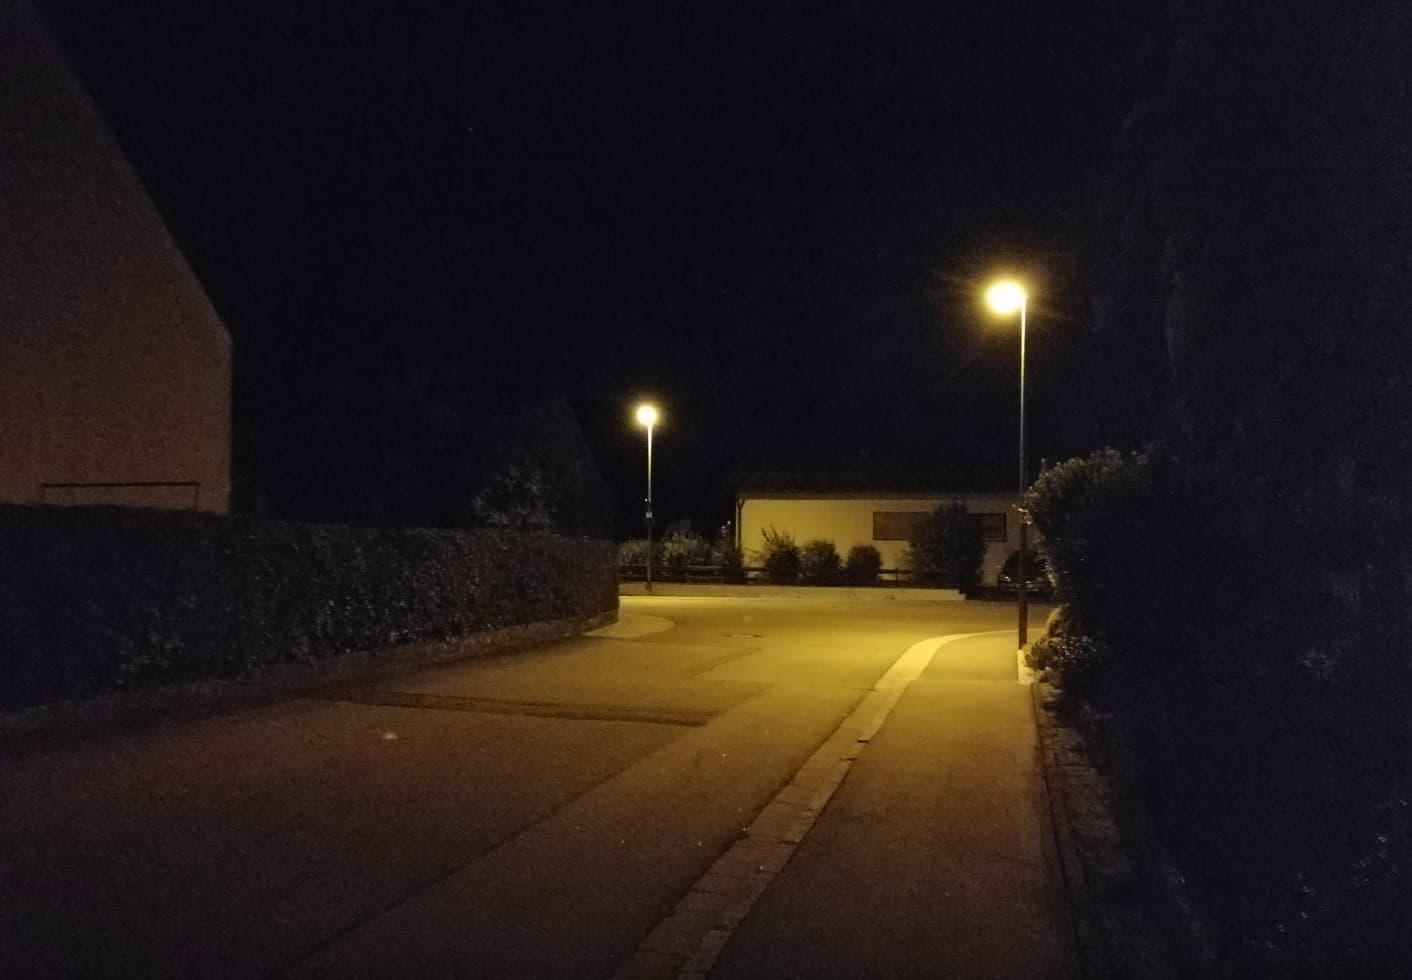 Фотосъемка в условиях плохой освещенности